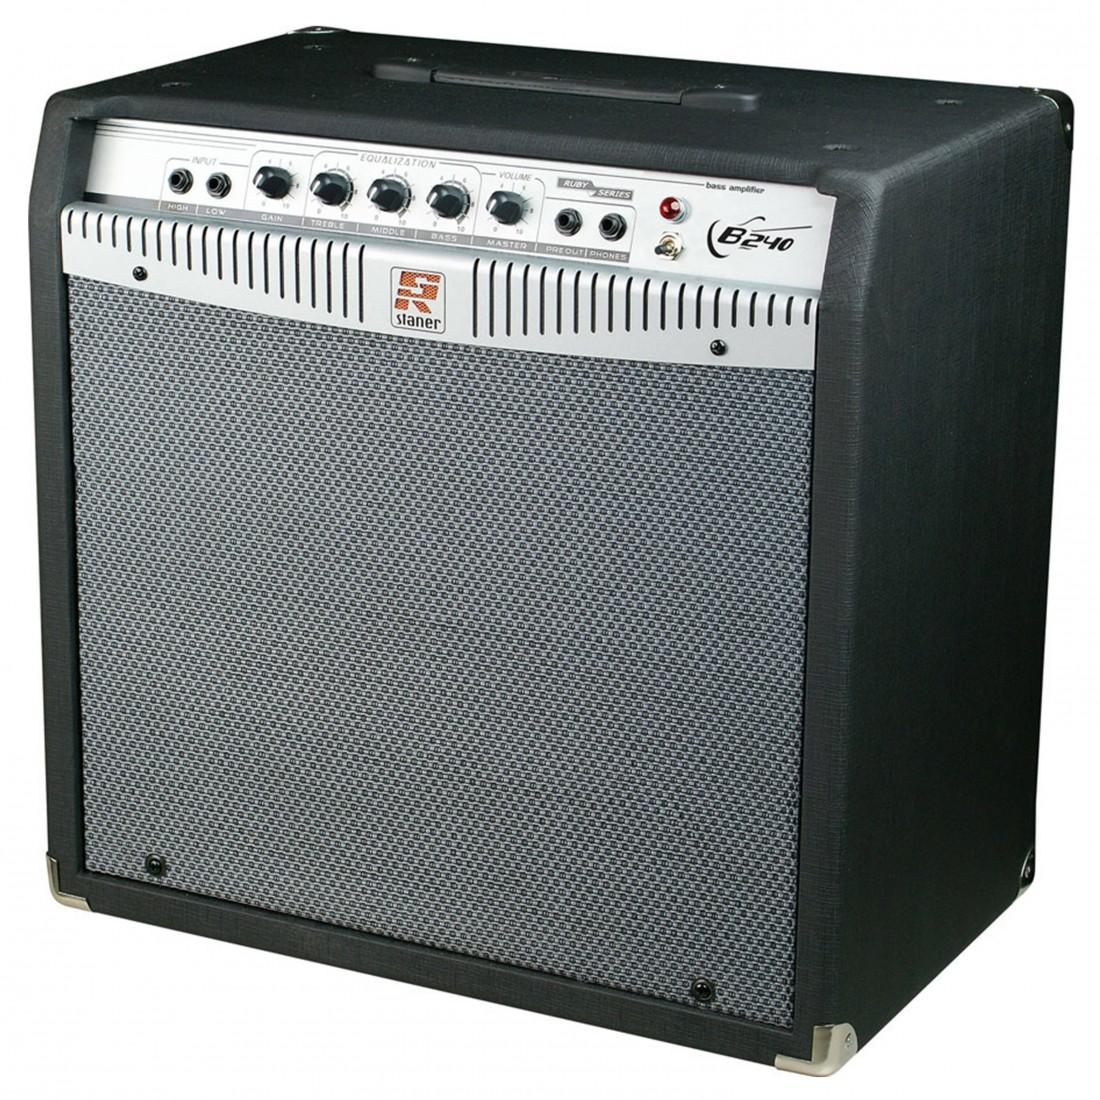 Imagem do produto Caixa Amplificada Baixo Staner 15 polegadas 140 watts B-240